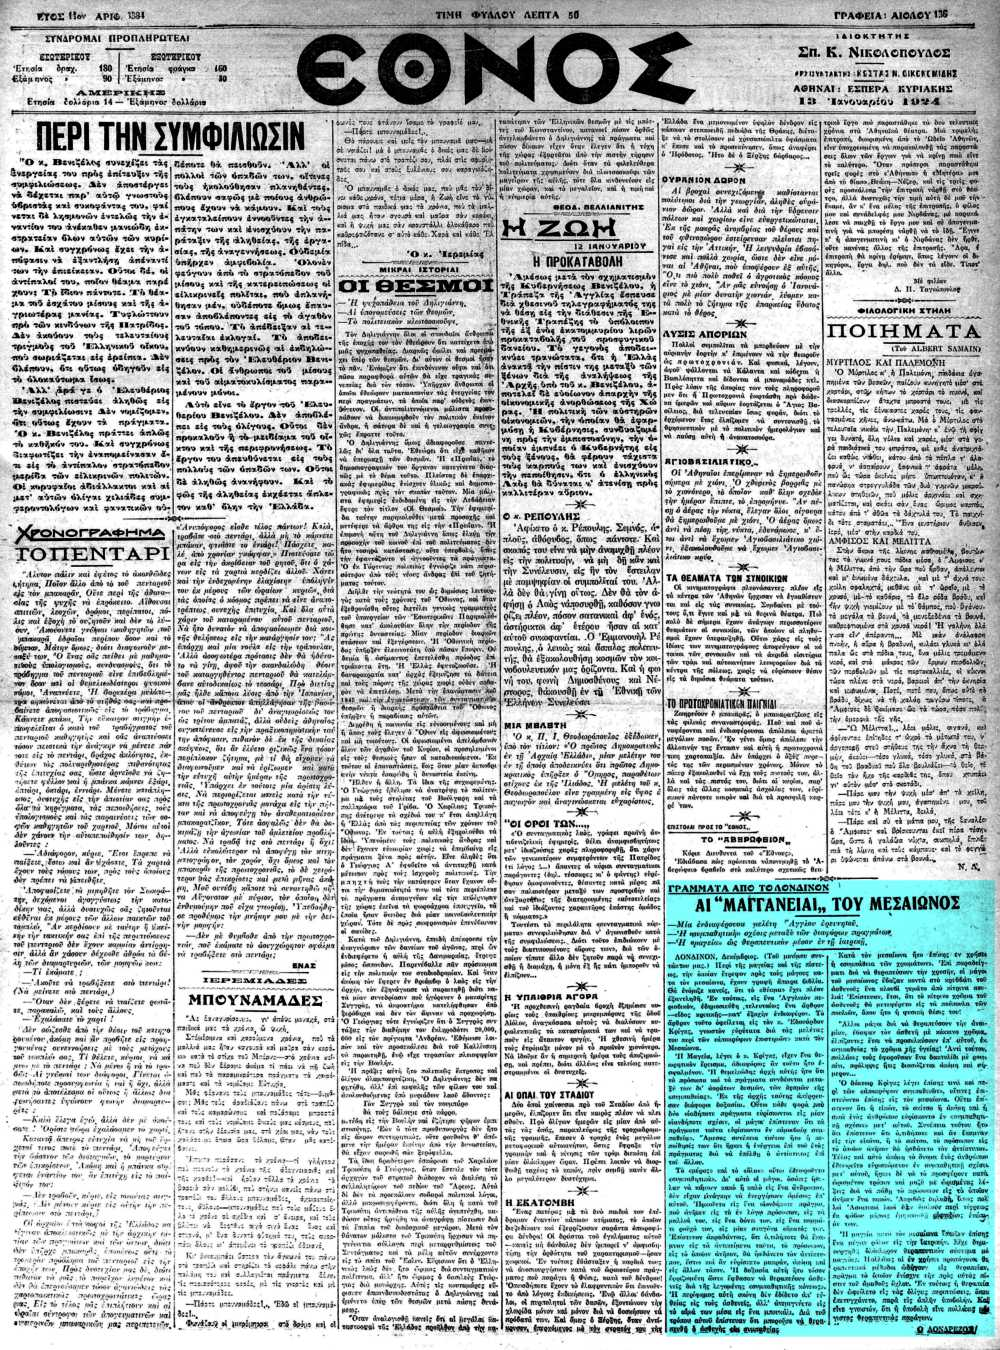 """Το άρθρο, όπως δημοσιεύθηκε στην εφημερίδα """"ΕΘΝΟΣ"""", στις 13/01/1924"""